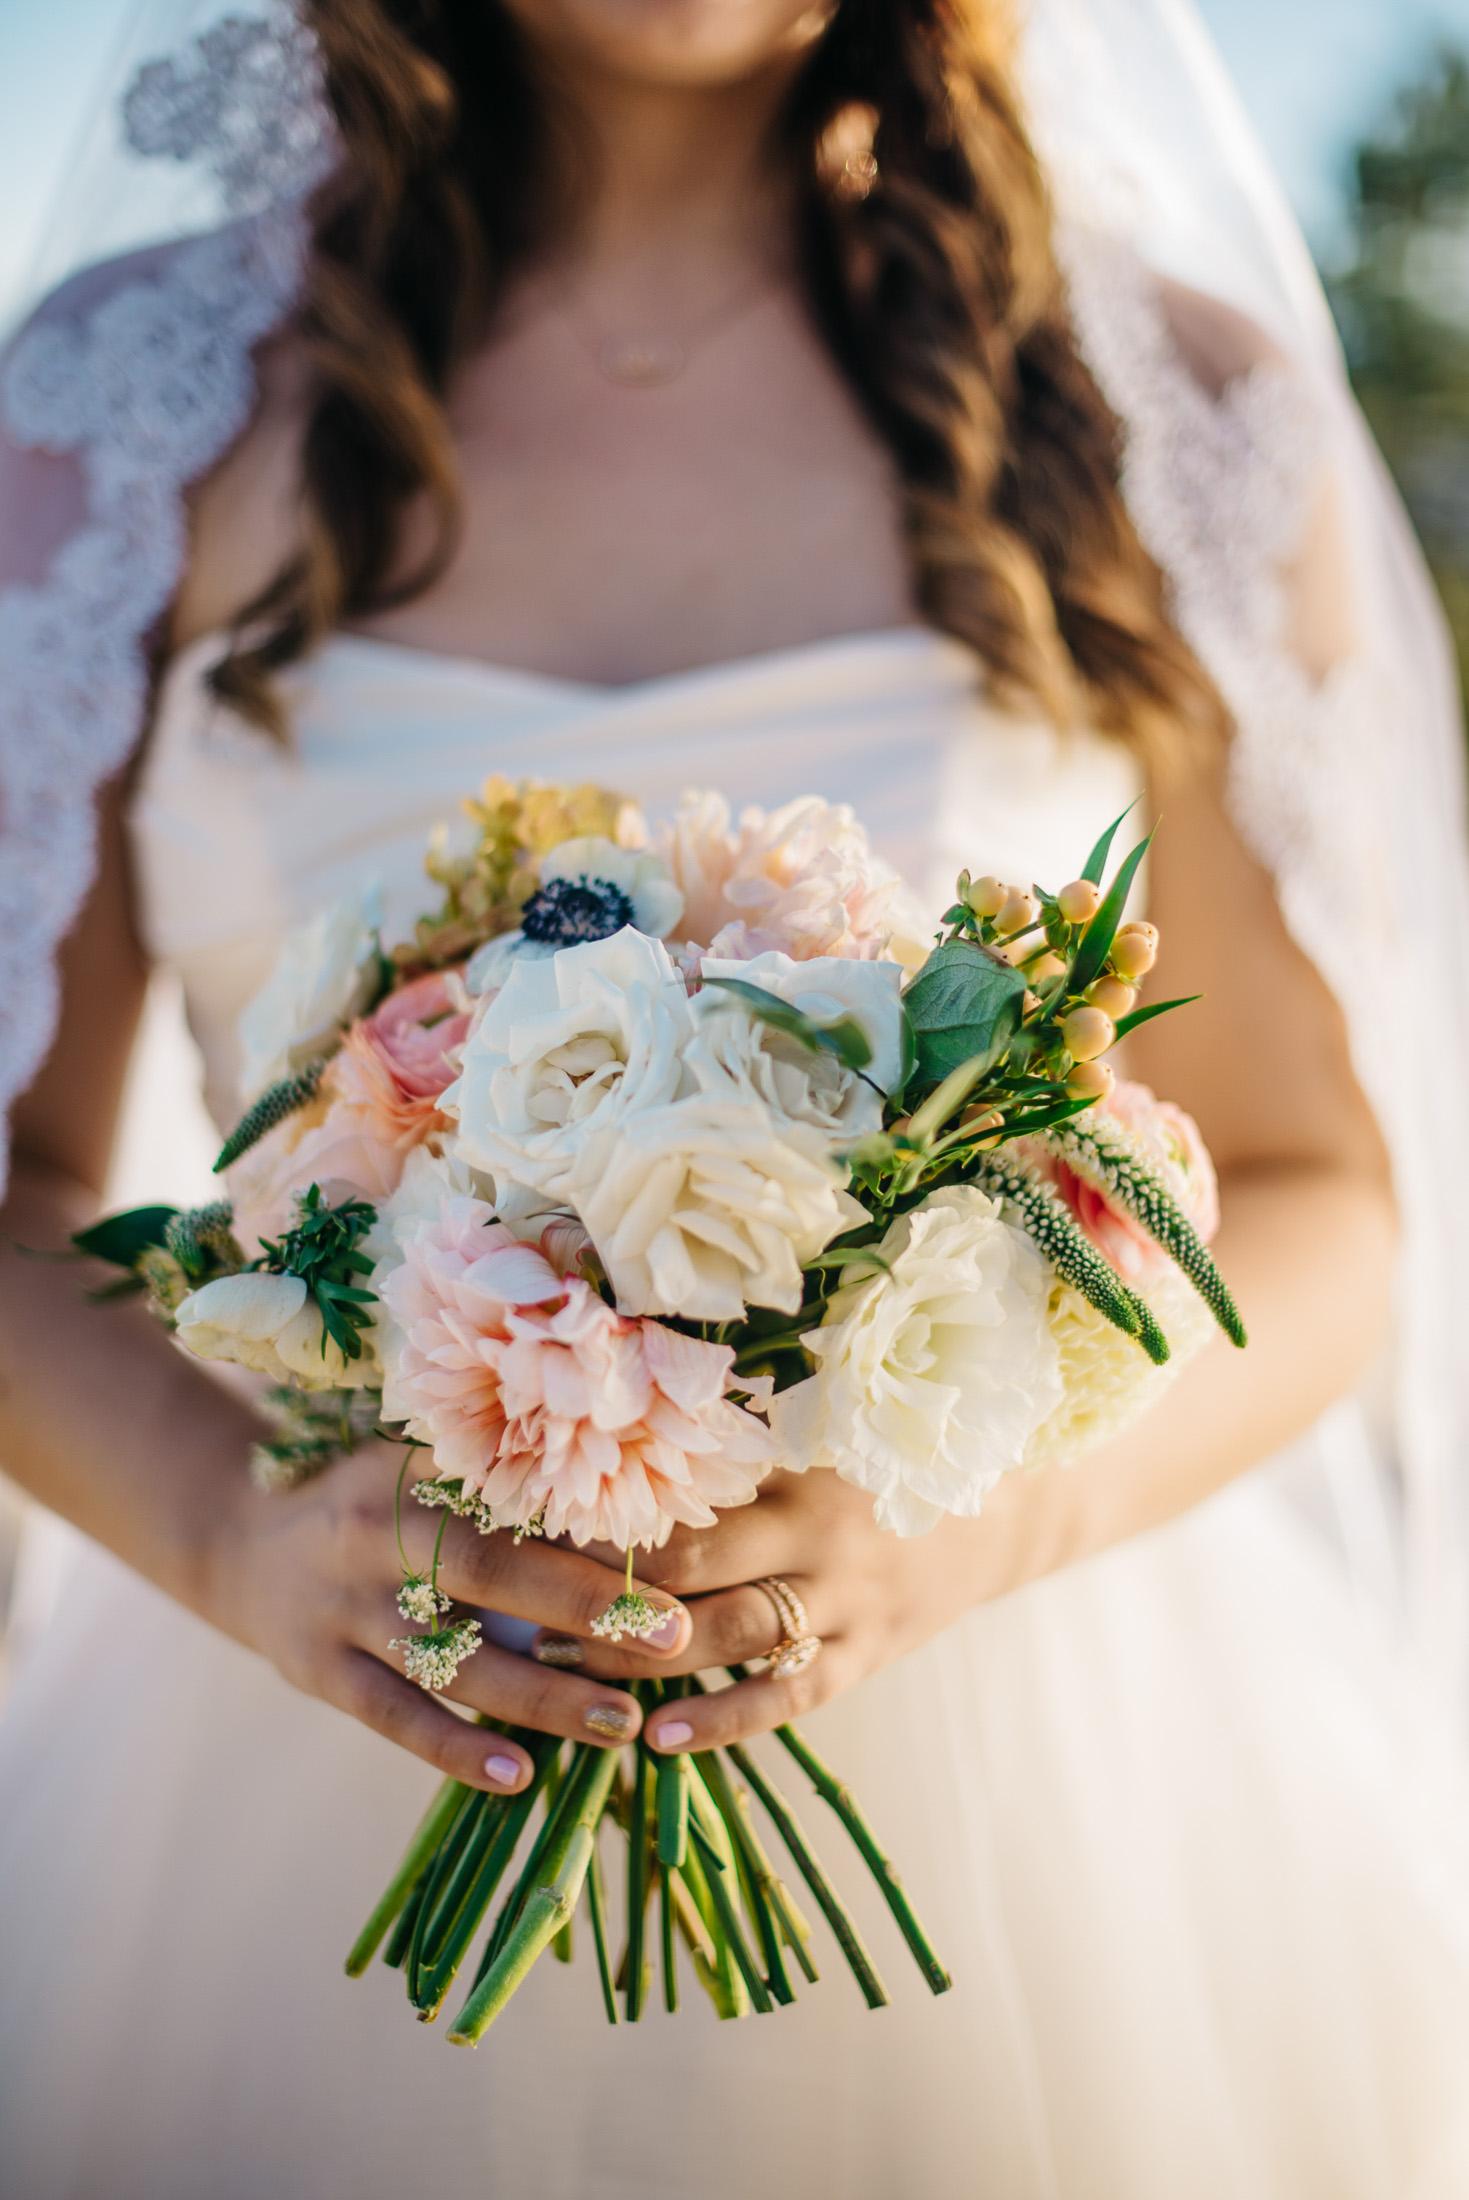 71elopement-photographer-colorado-Amanda&Sam-Denver_wedding-2410.jpg